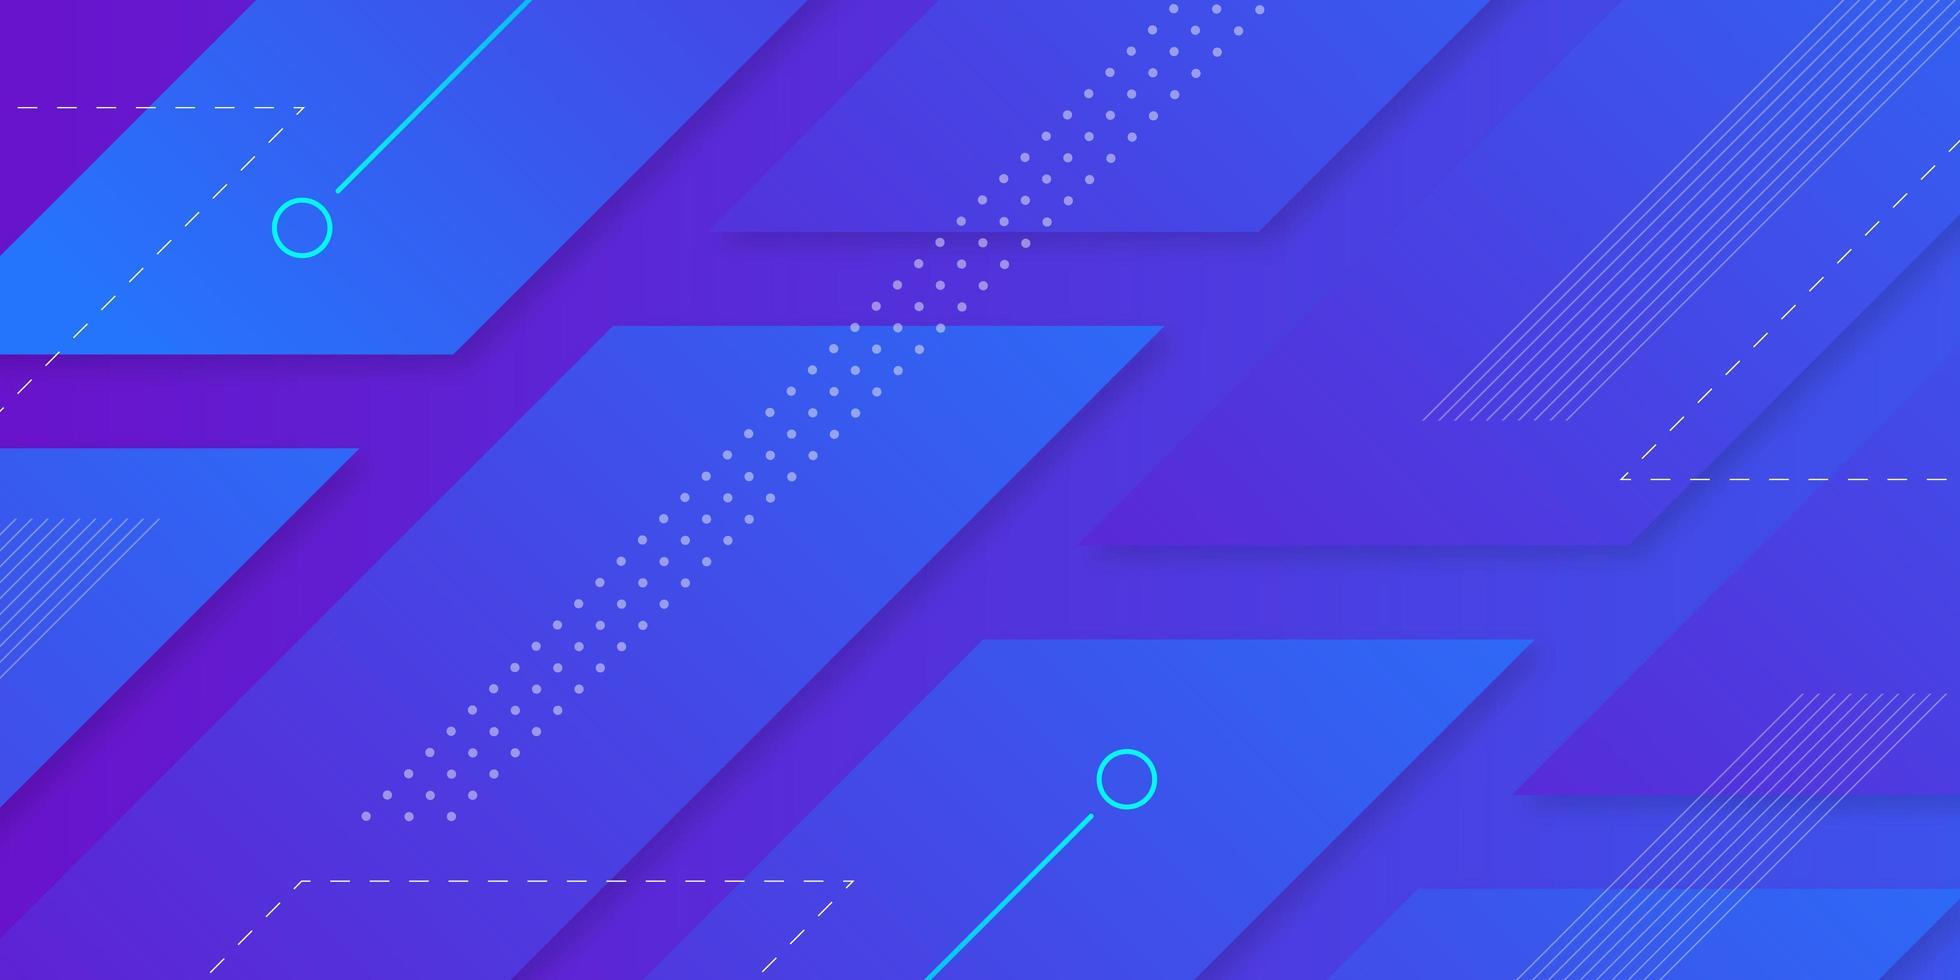 fond géométrique futuriste vecteur